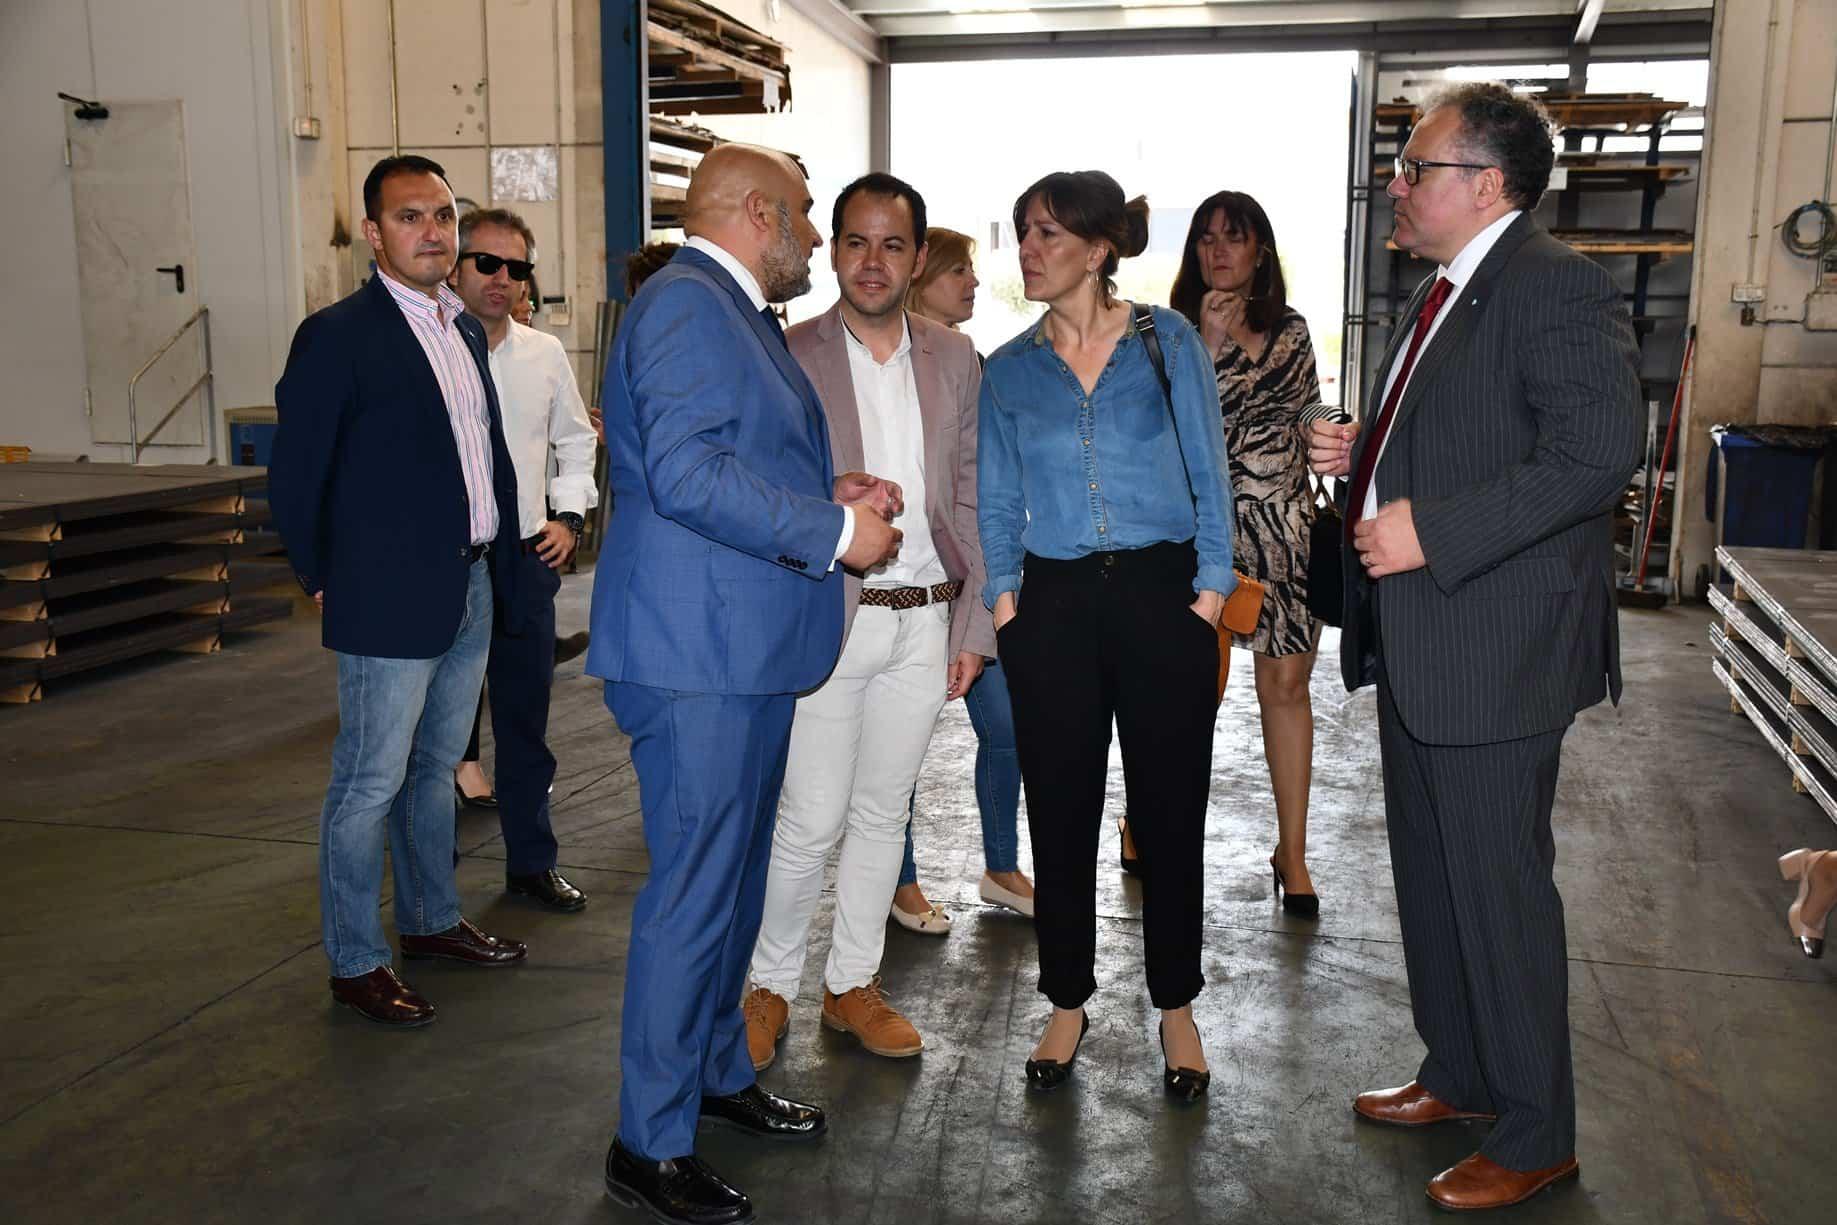 BLANCA  VISITA EMPRESA DE HERENCIA 2 - La diputada electa, Blanca Fernández y Sergio García-Navas visitan Divisegur